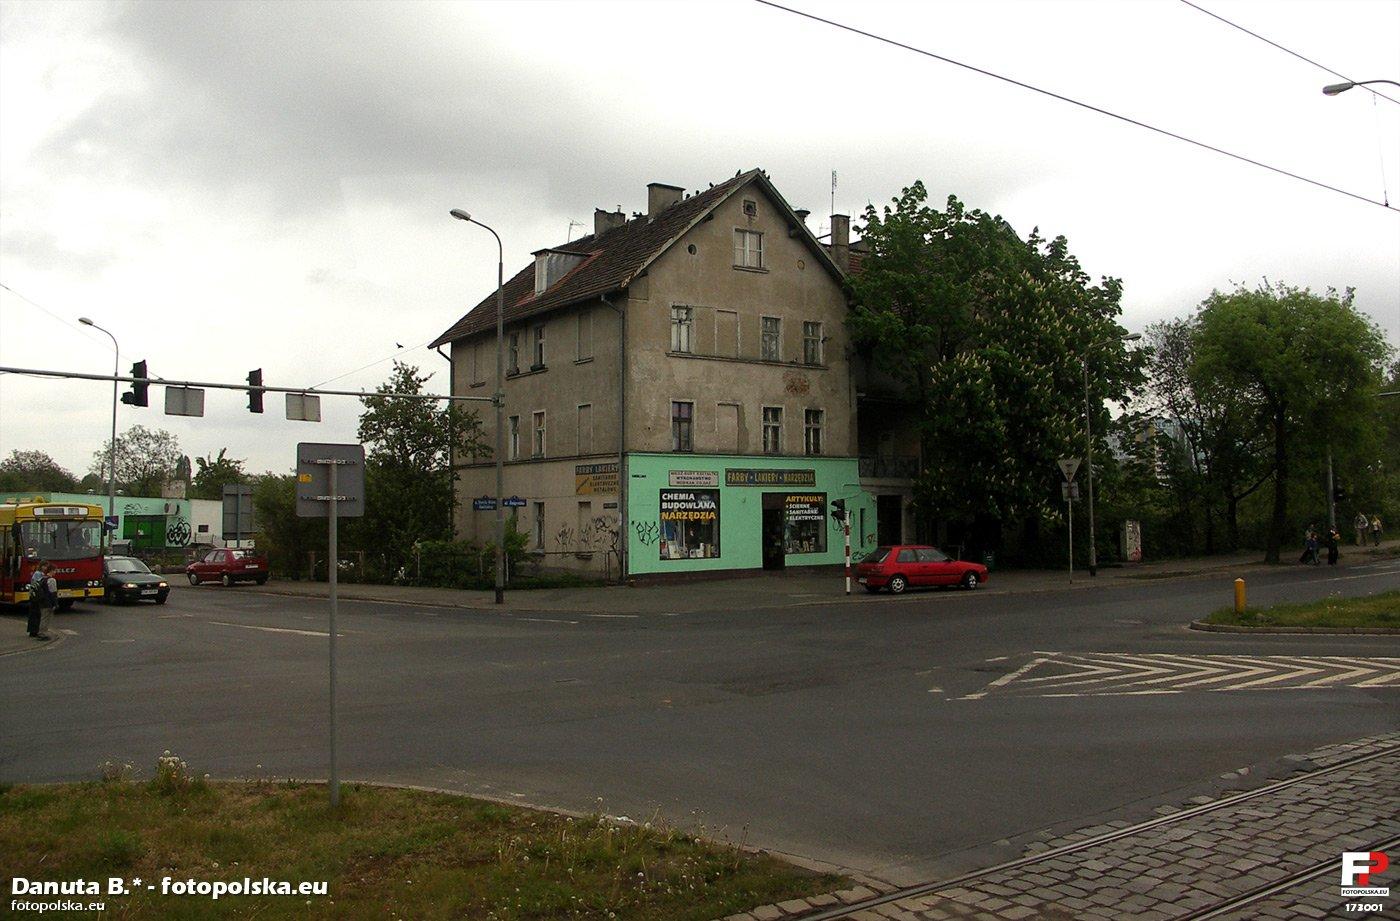 Zmigrodzka_71_173001_Fotopolska-Eu